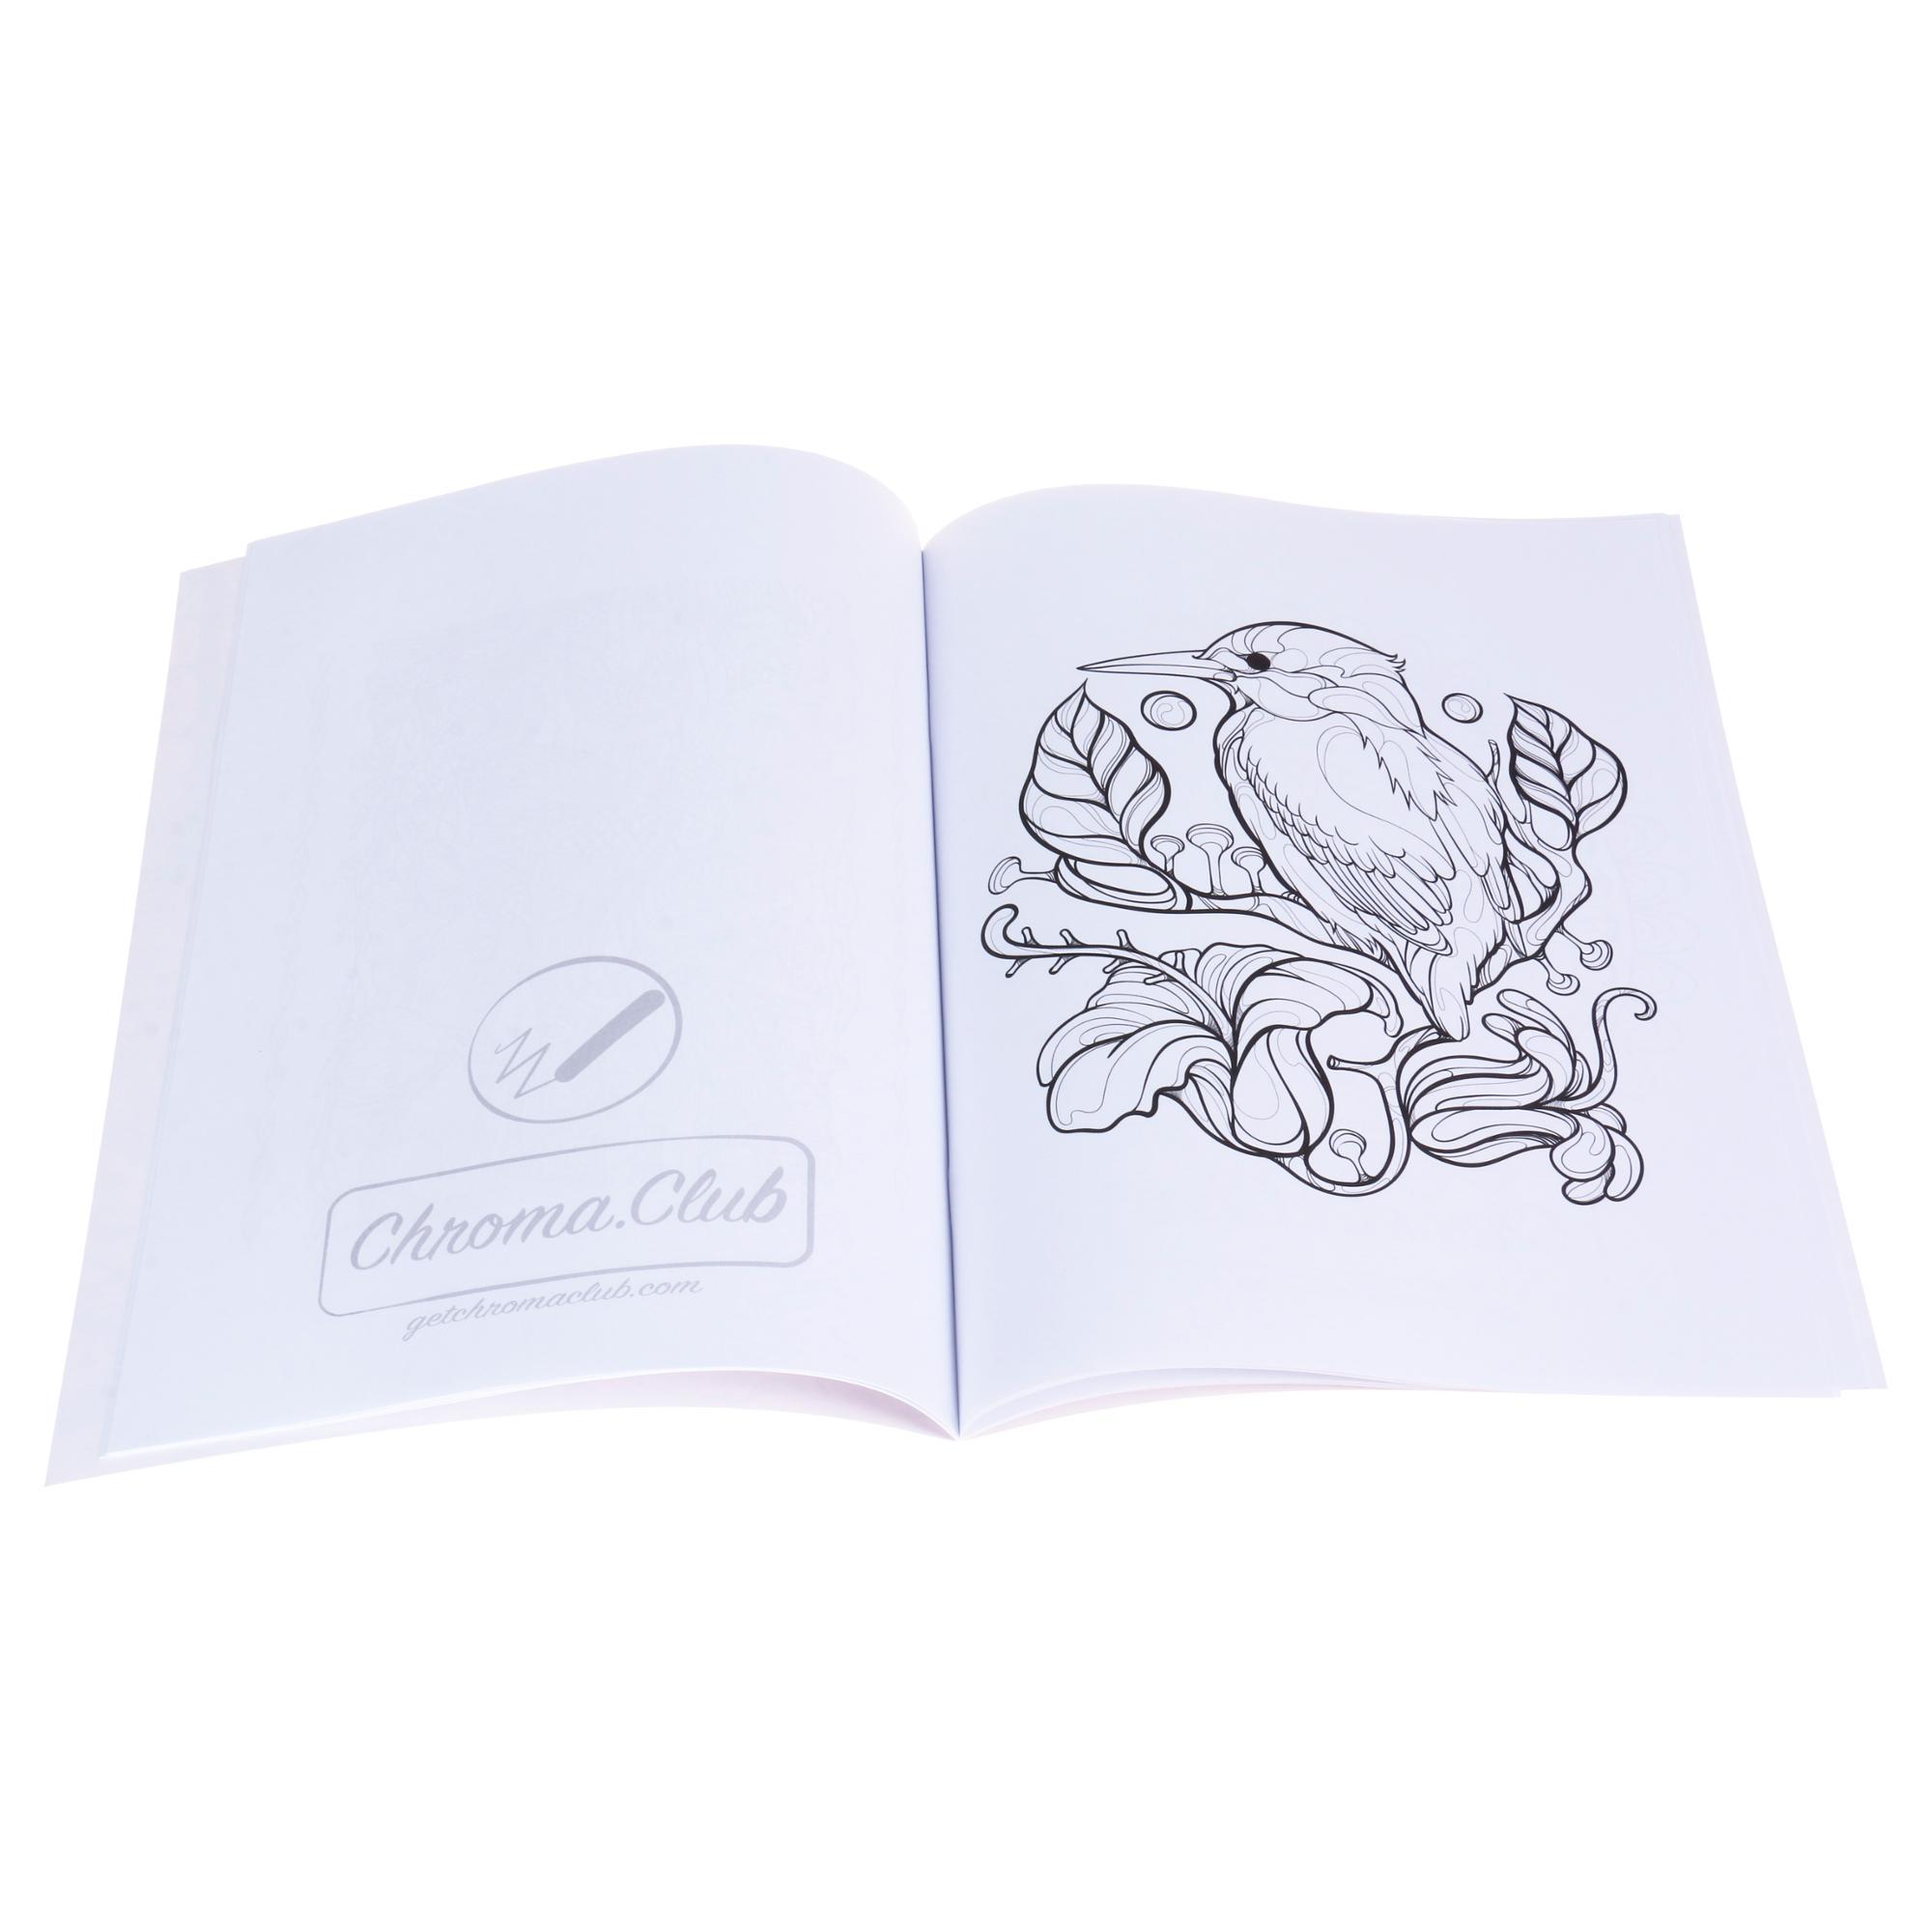 مصادر شركات تصنيع رخيصة الرسم كتاب الطباعة ورخيصة الرسم كتاب